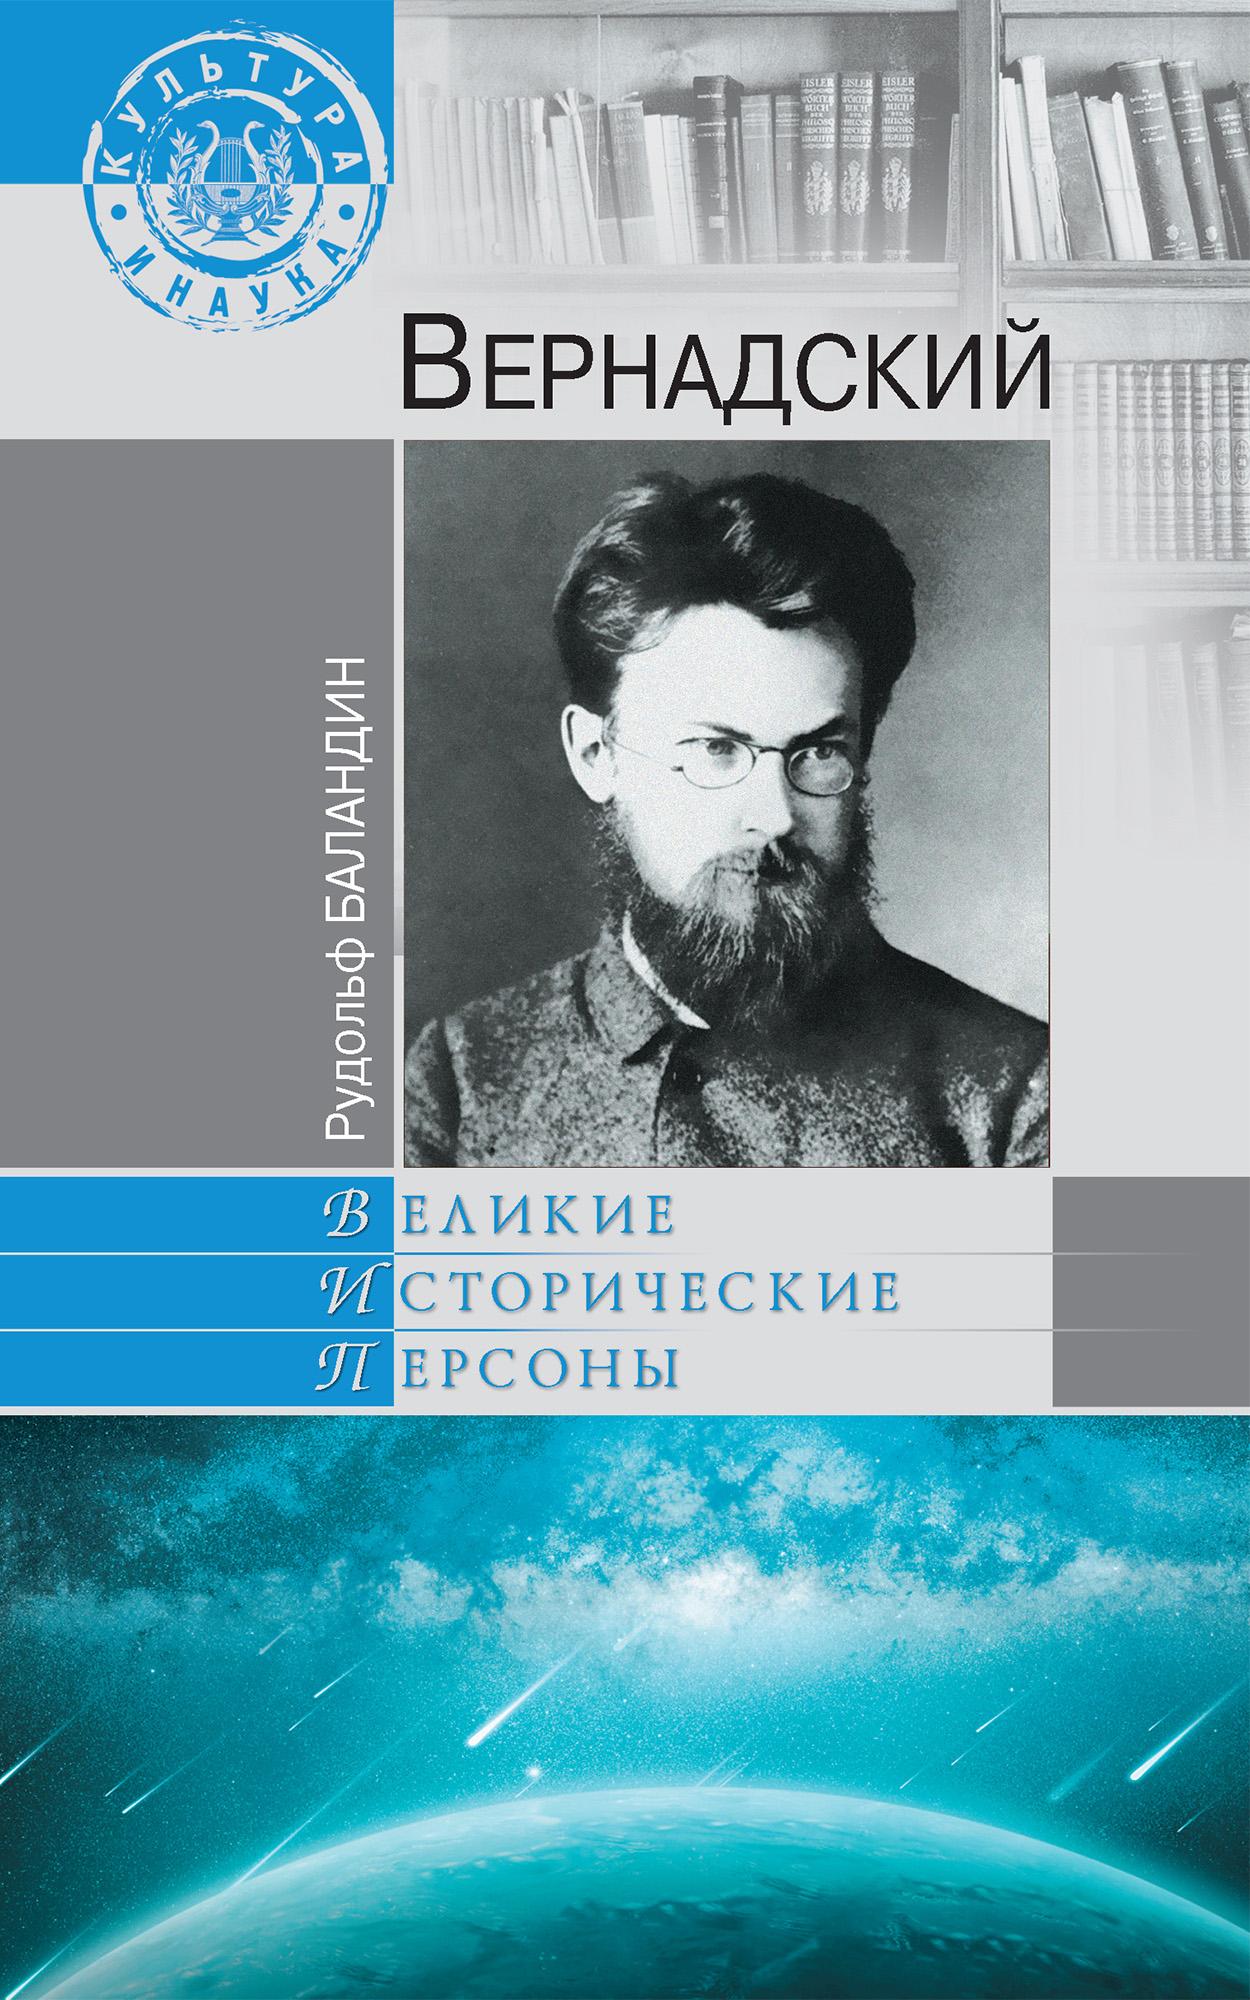 vernadskiy